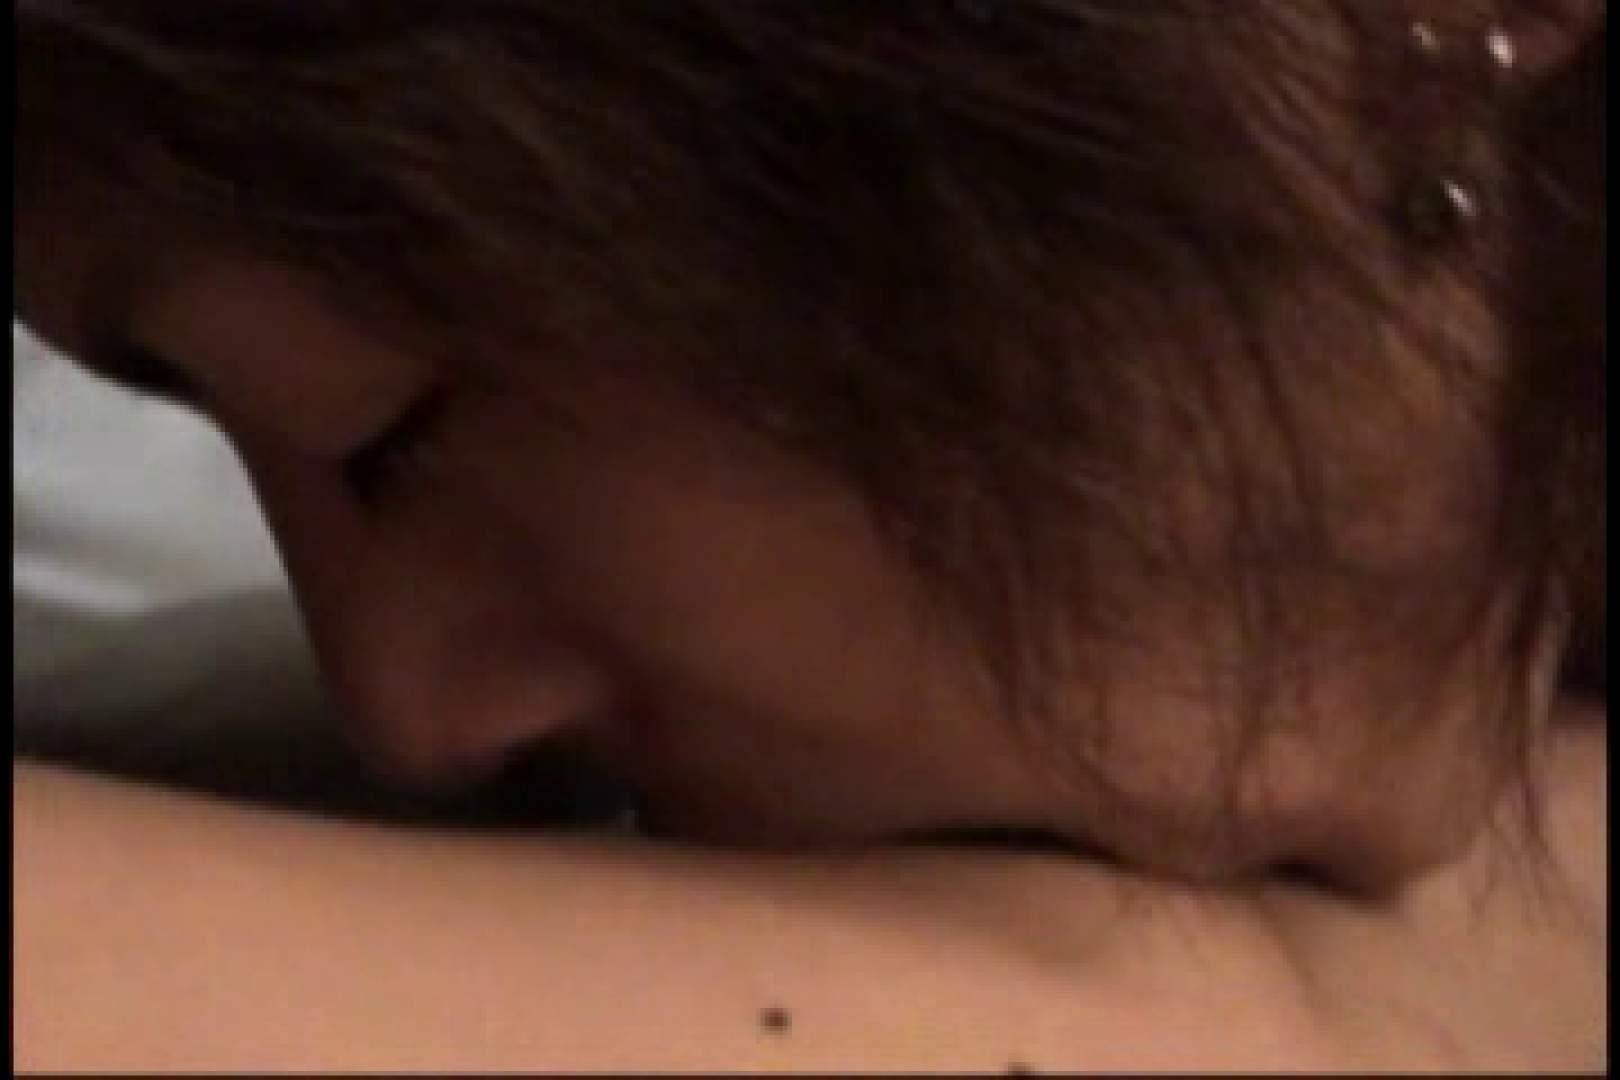 三ッ星シリーズ!!イケメン羞恥心File.05 ハメ撮り ゲイエロビデオ画像 92枚 39